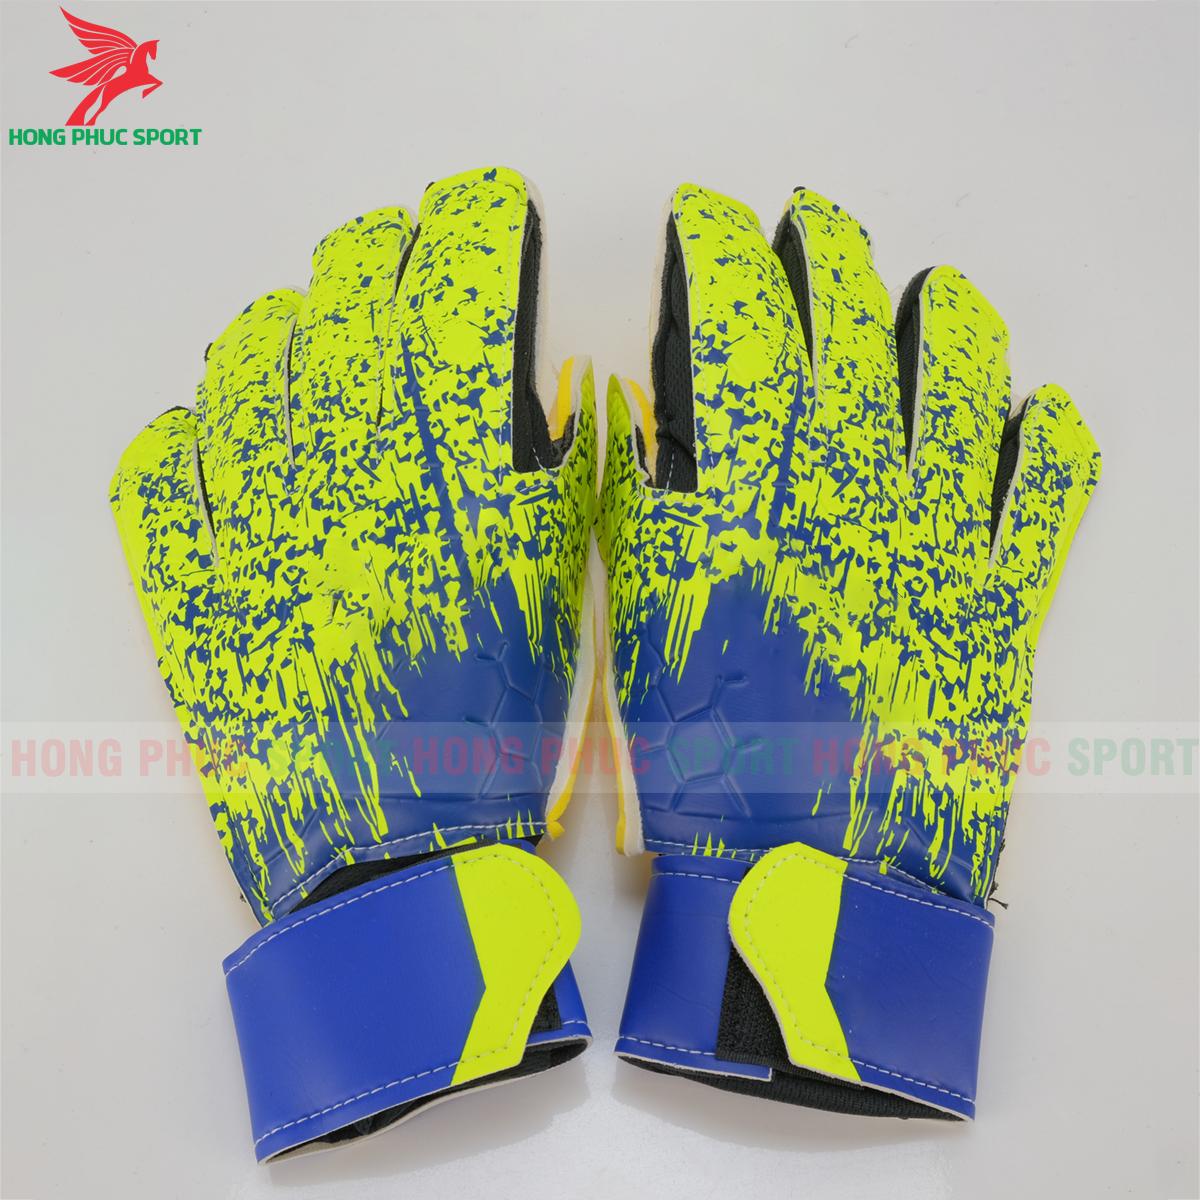 https://cdn.hongphucsport.com/unsafe/s4.shopbay.vn/files/285/gang-tay-thu-mon-adidas-mau-vang-5f7c25fa11b29.png